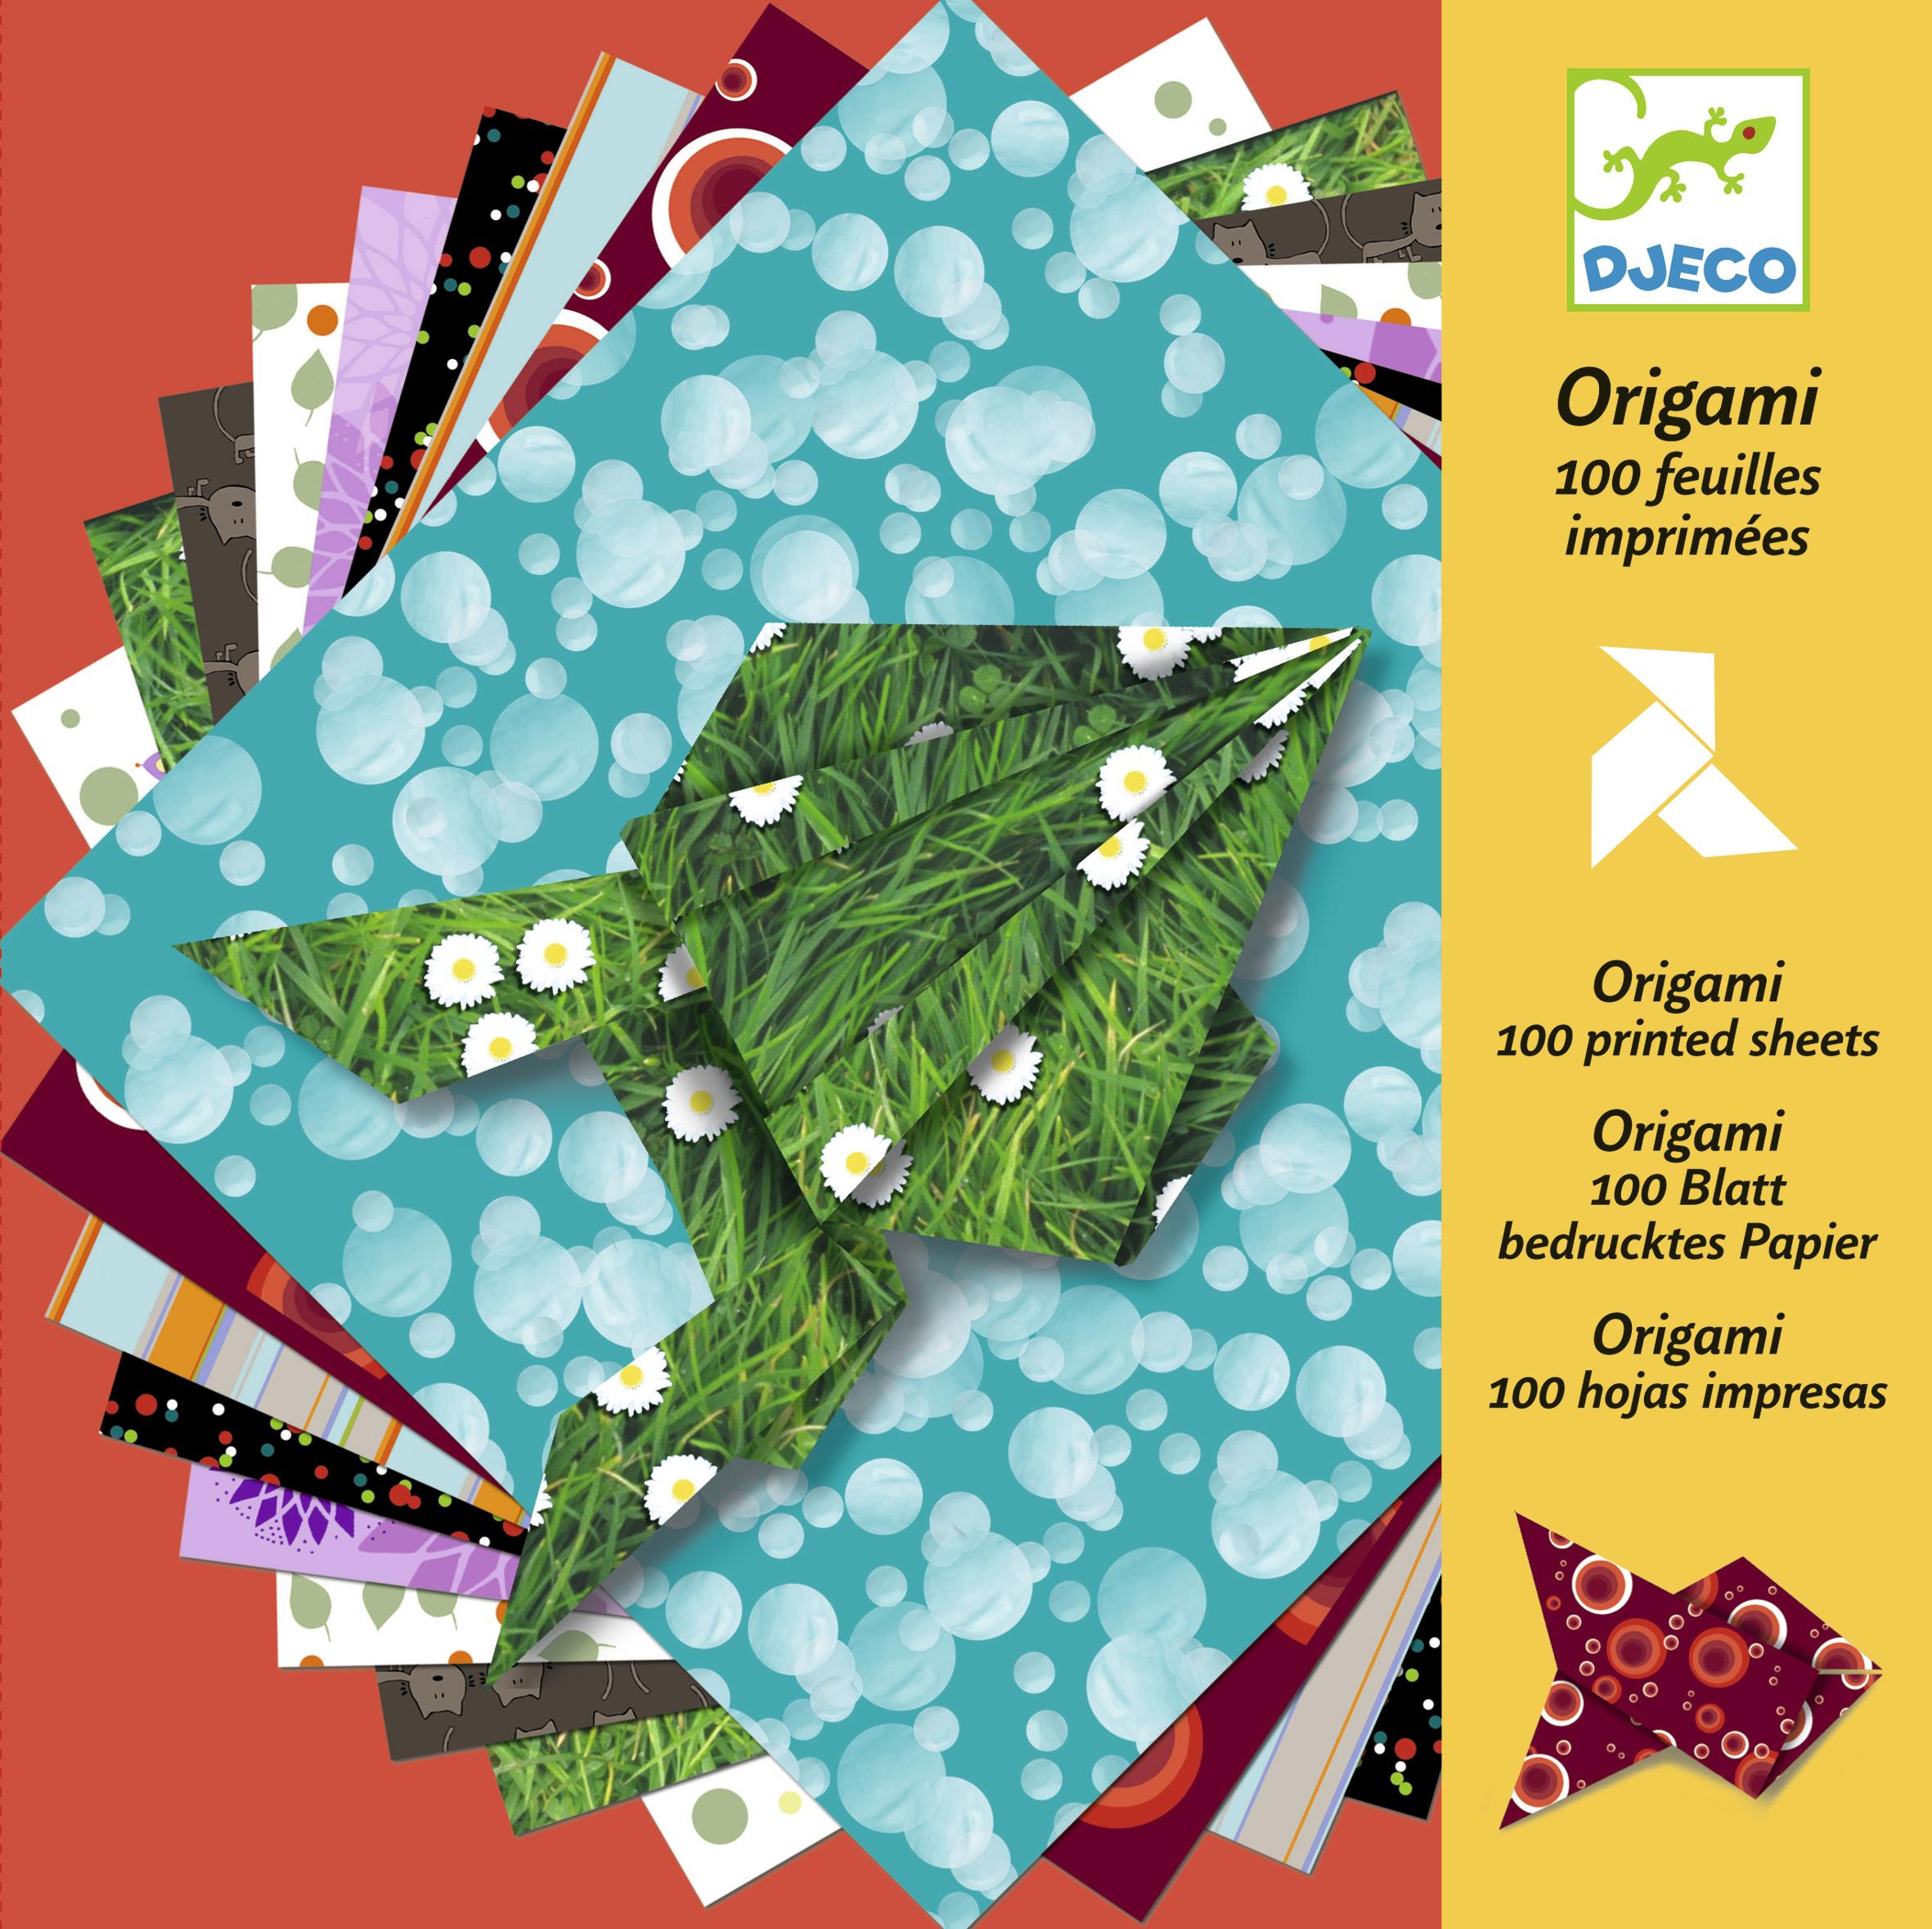 100 feuilles imprimées origami